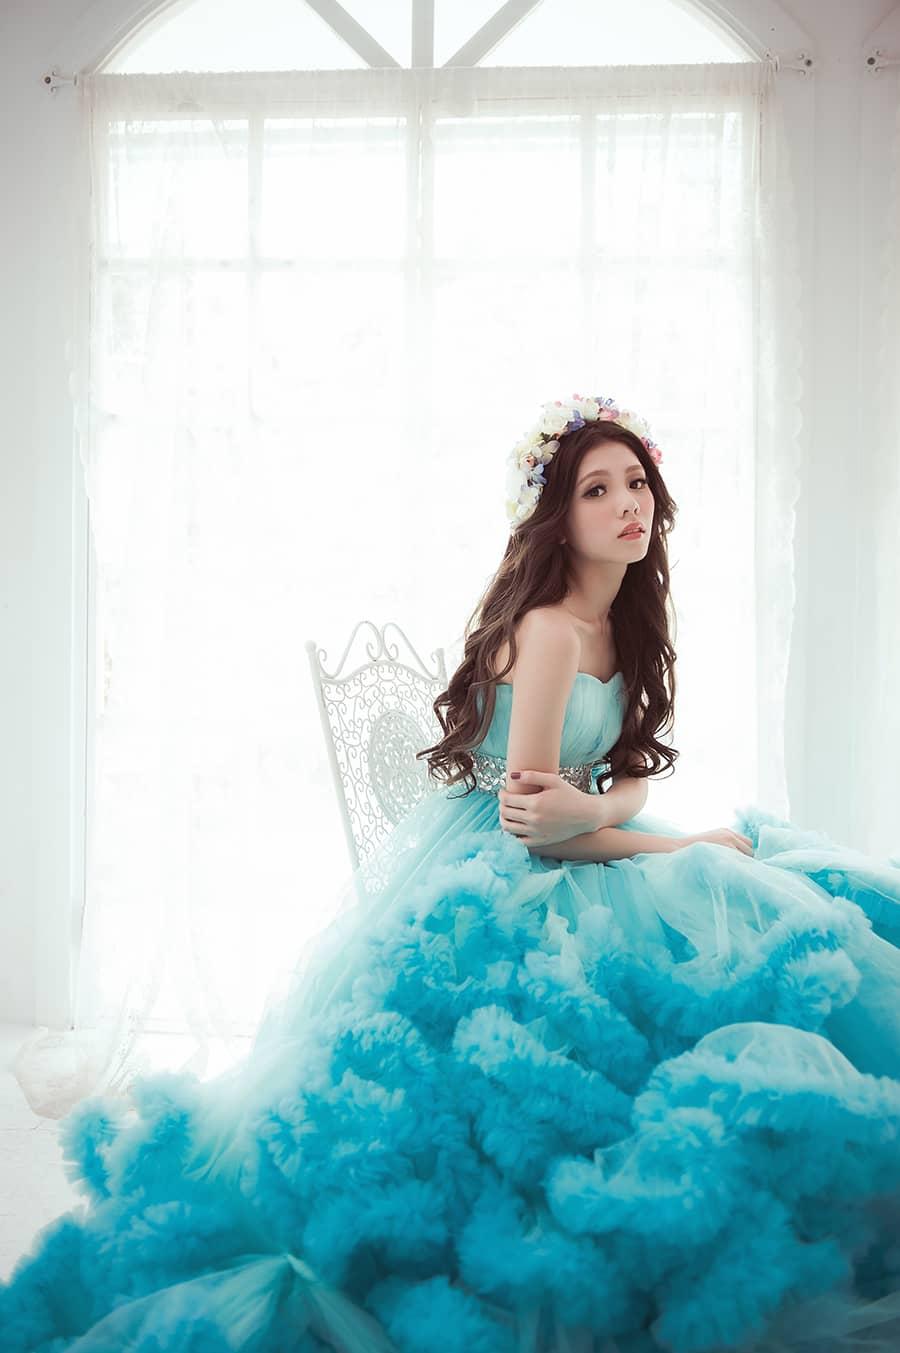 魚尾禮服,自助婚紗,婚紗攝影,婚禮攝影,婚紗推薦,韓風婚紗,婚紗工作室,海外婚紗,海外婚紗婚禮,apple face 婚紗攝影